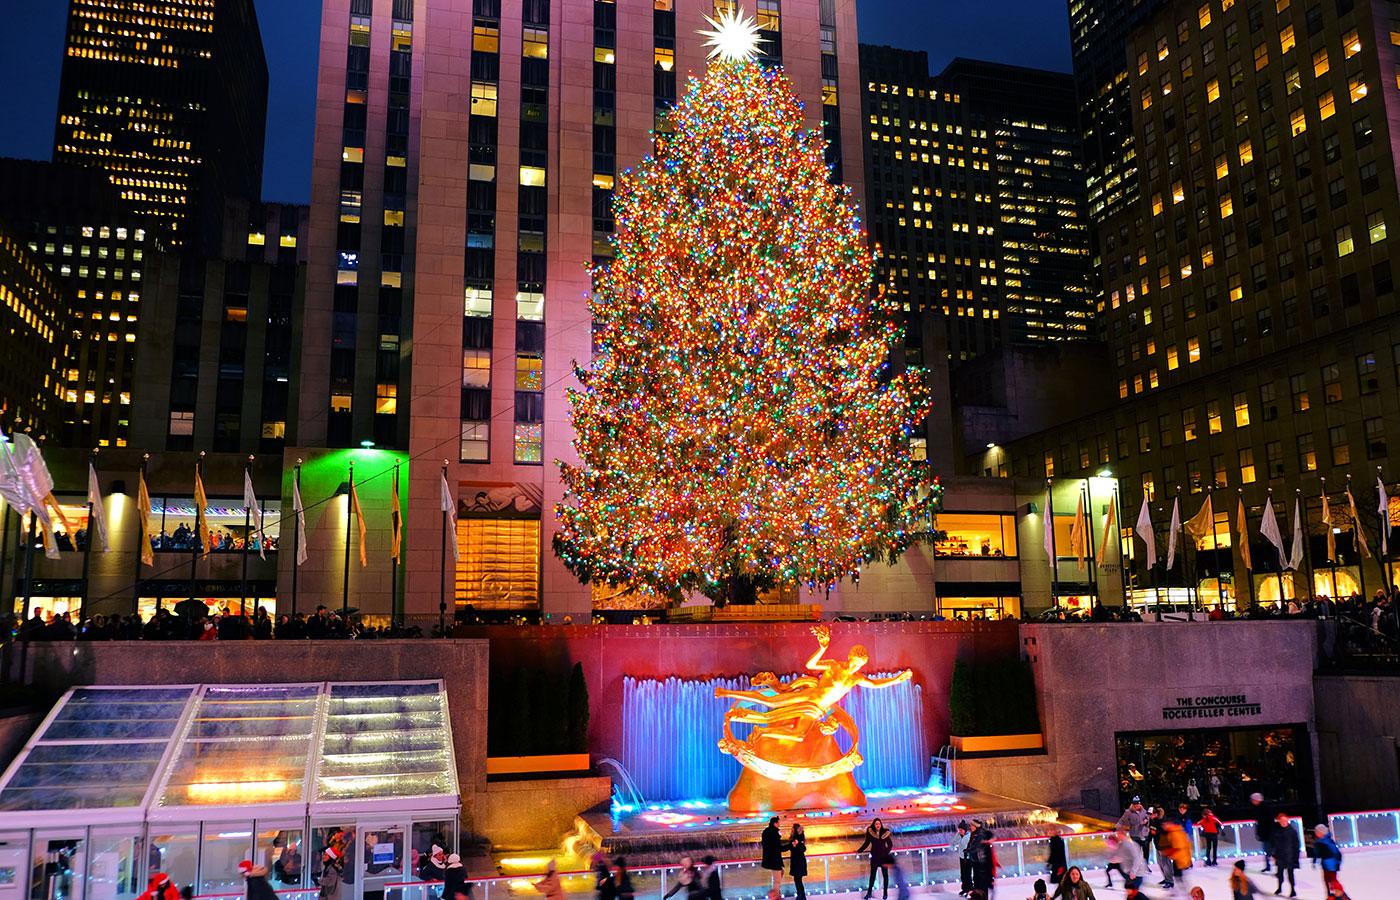 La stagione natalizia a New York - L'albero del Rockefeller